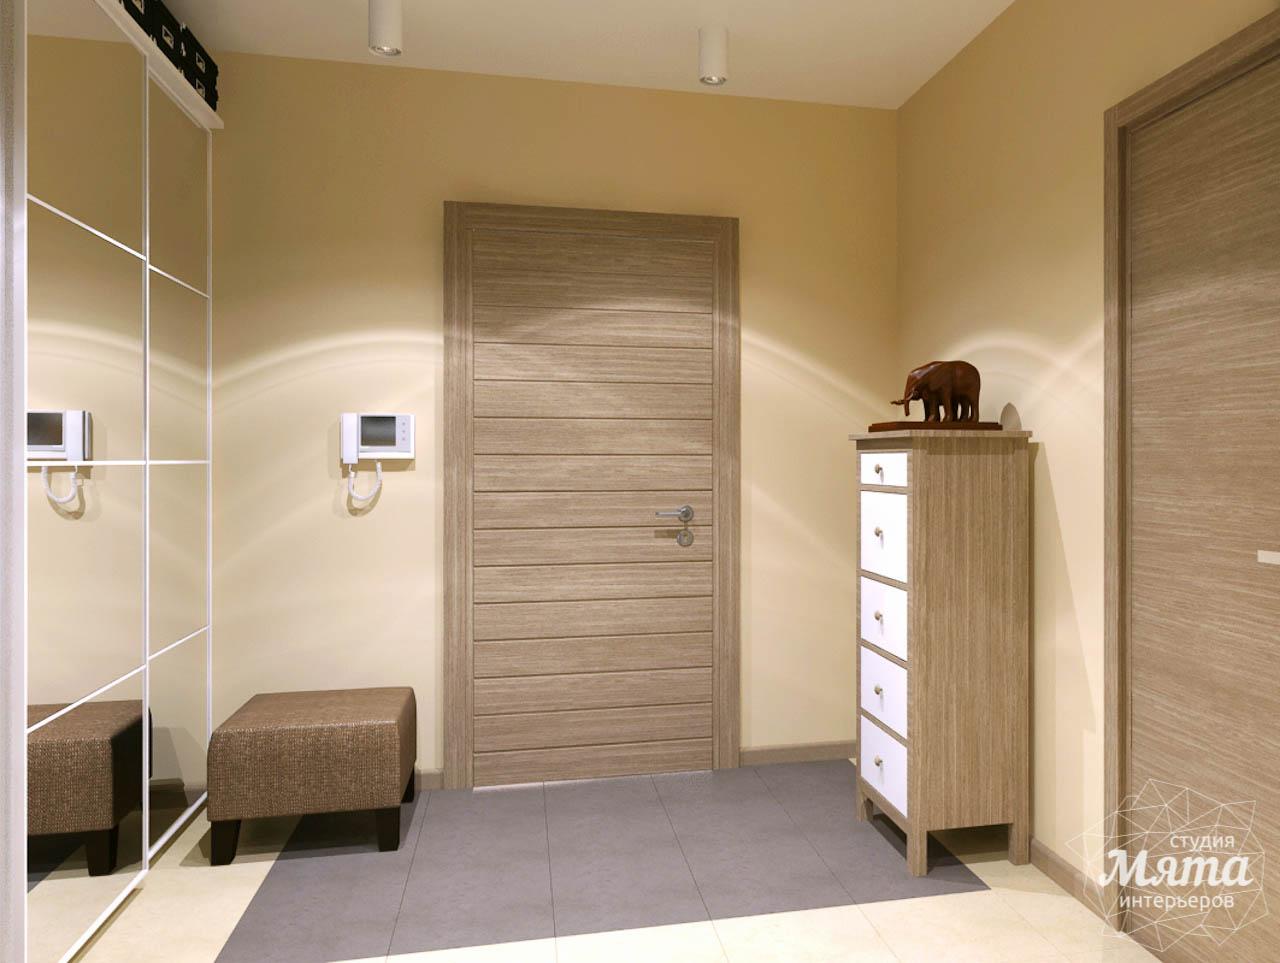 Дизайн интерьера двухкомнатной квартиры по ул. Машинная 40 img1549741090